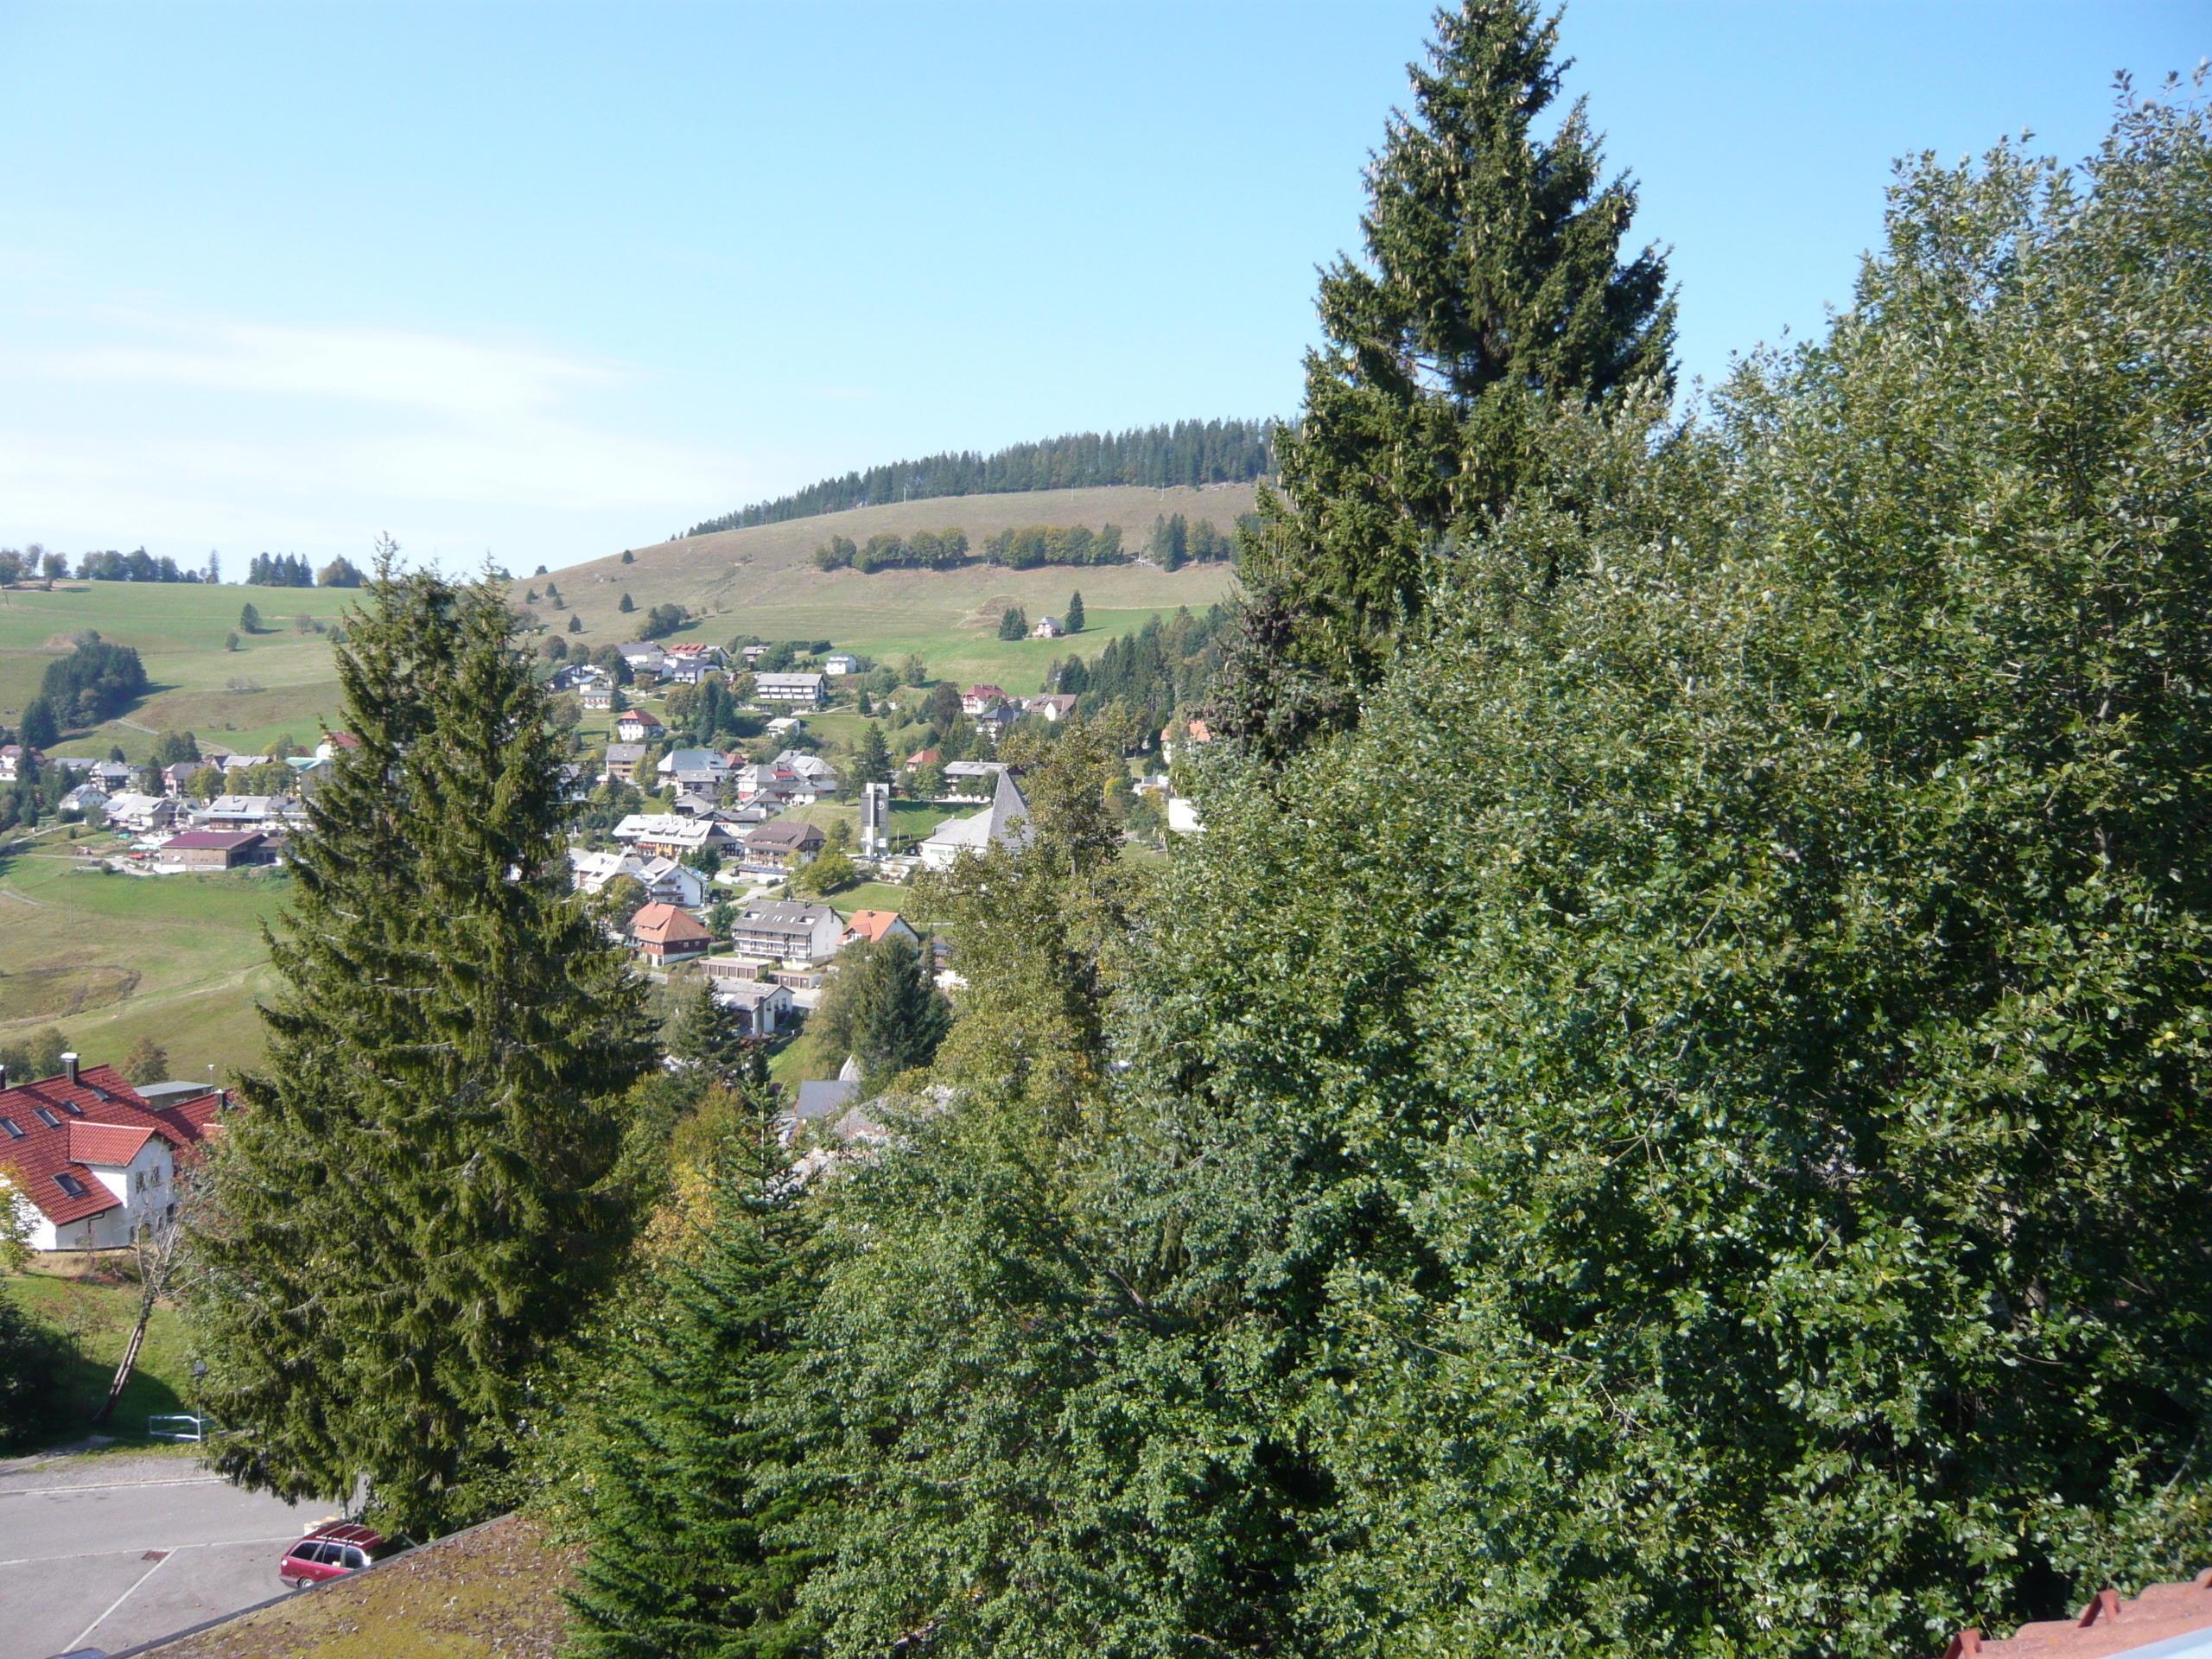 Ferienwohnung Fewo 20 - Residenz Schauinsland- mit SchwimmbadTodtnauberg bei Feldberg (2641795), Todtnau, Schwarzwald, Baden-Württemberg, Deutschland, Bild 10